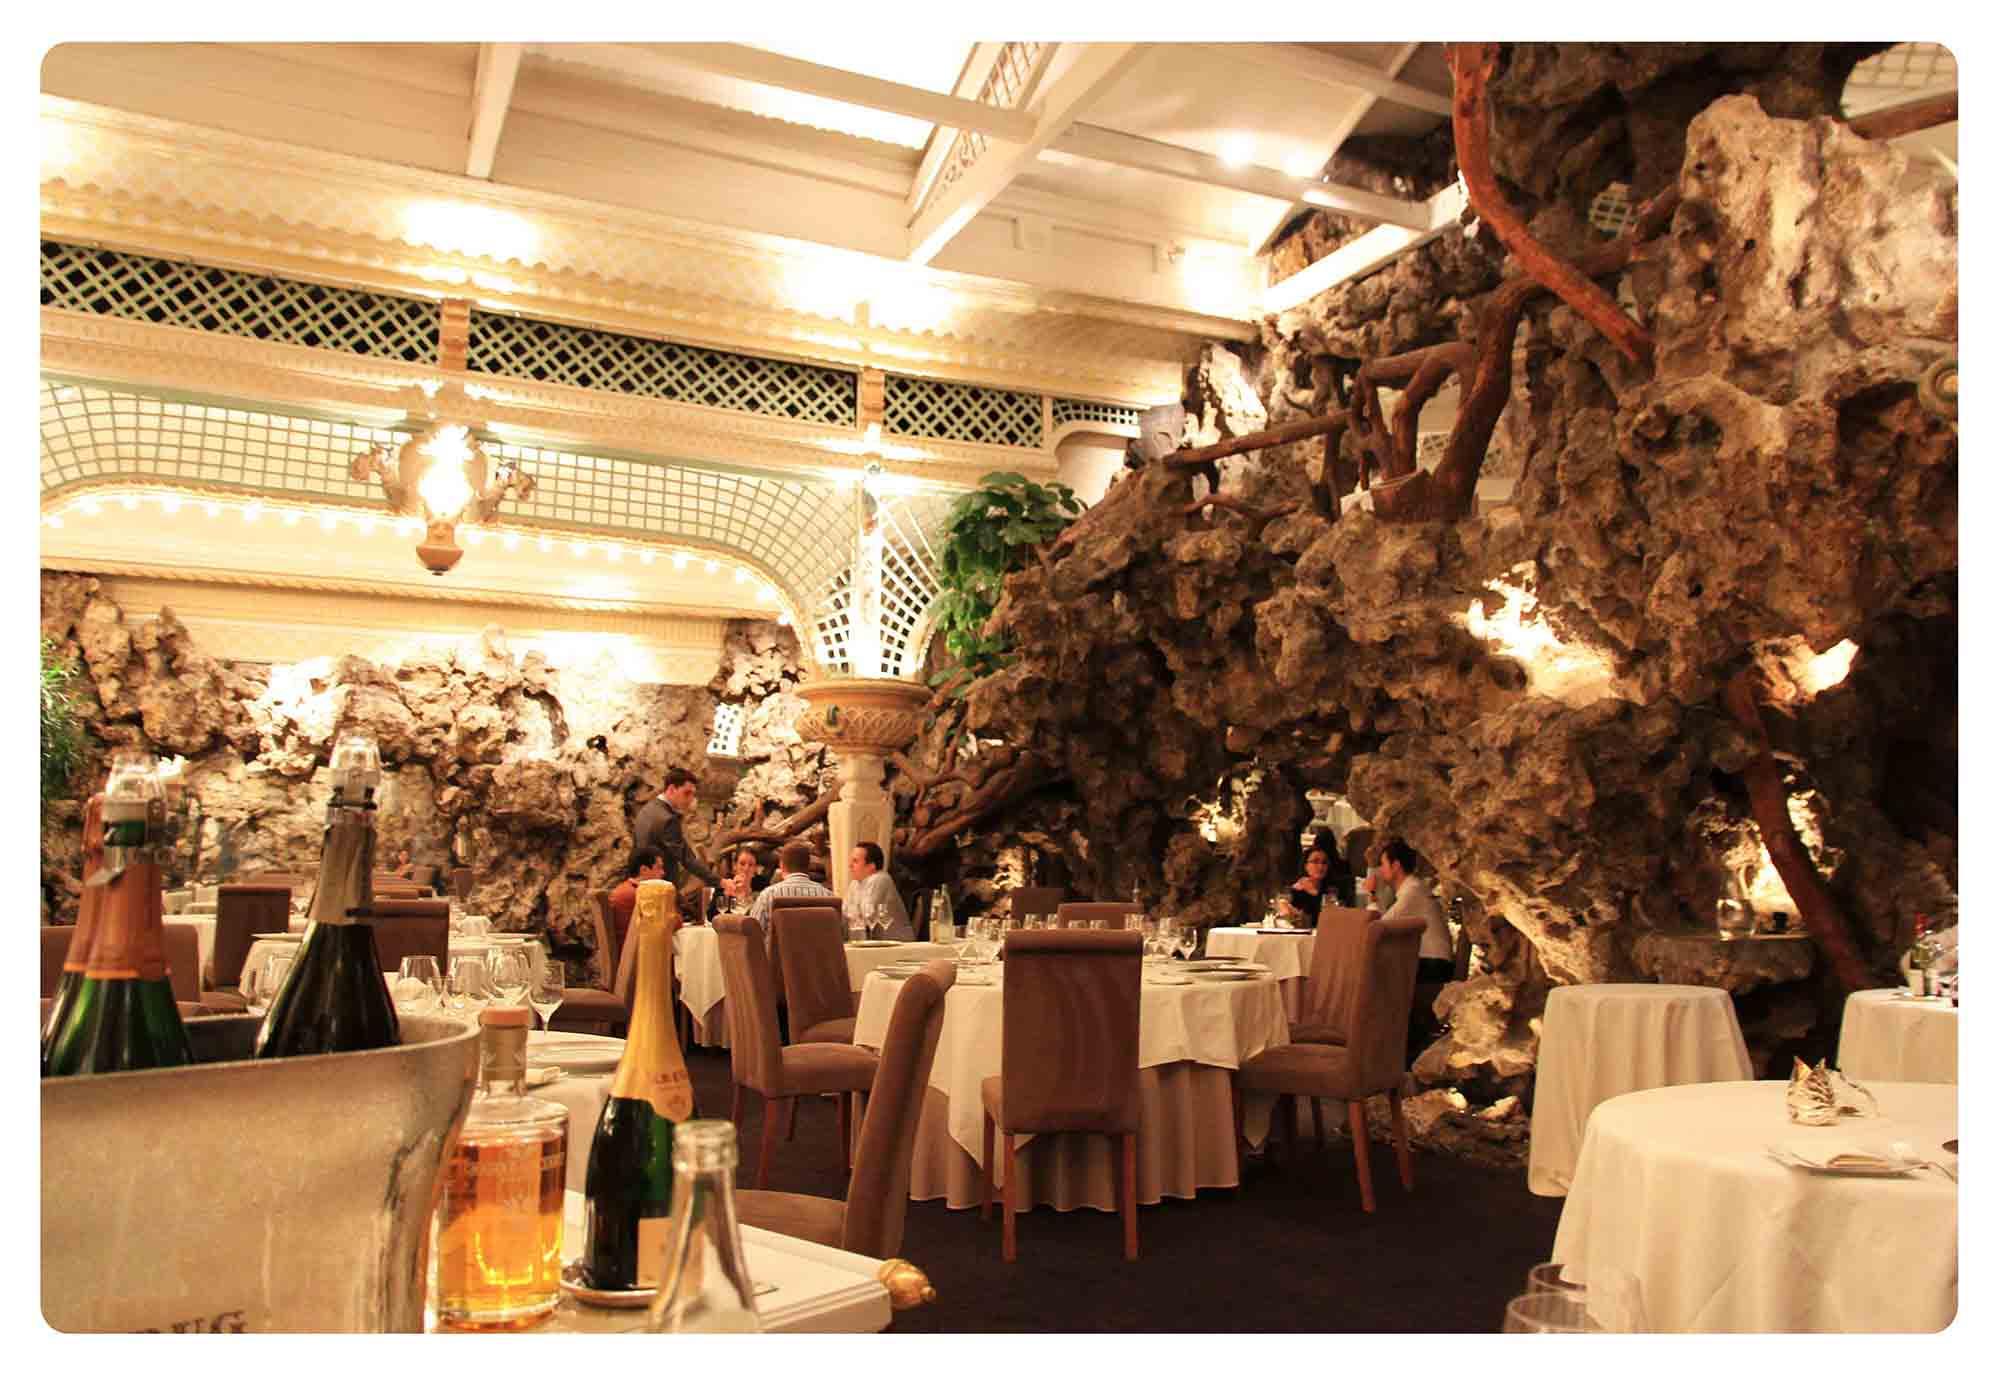 Restaurants romantiques sur bordeaux les balades de claire blog touristique gironde et aquitaine - Restaurant le garage bordeaux ...